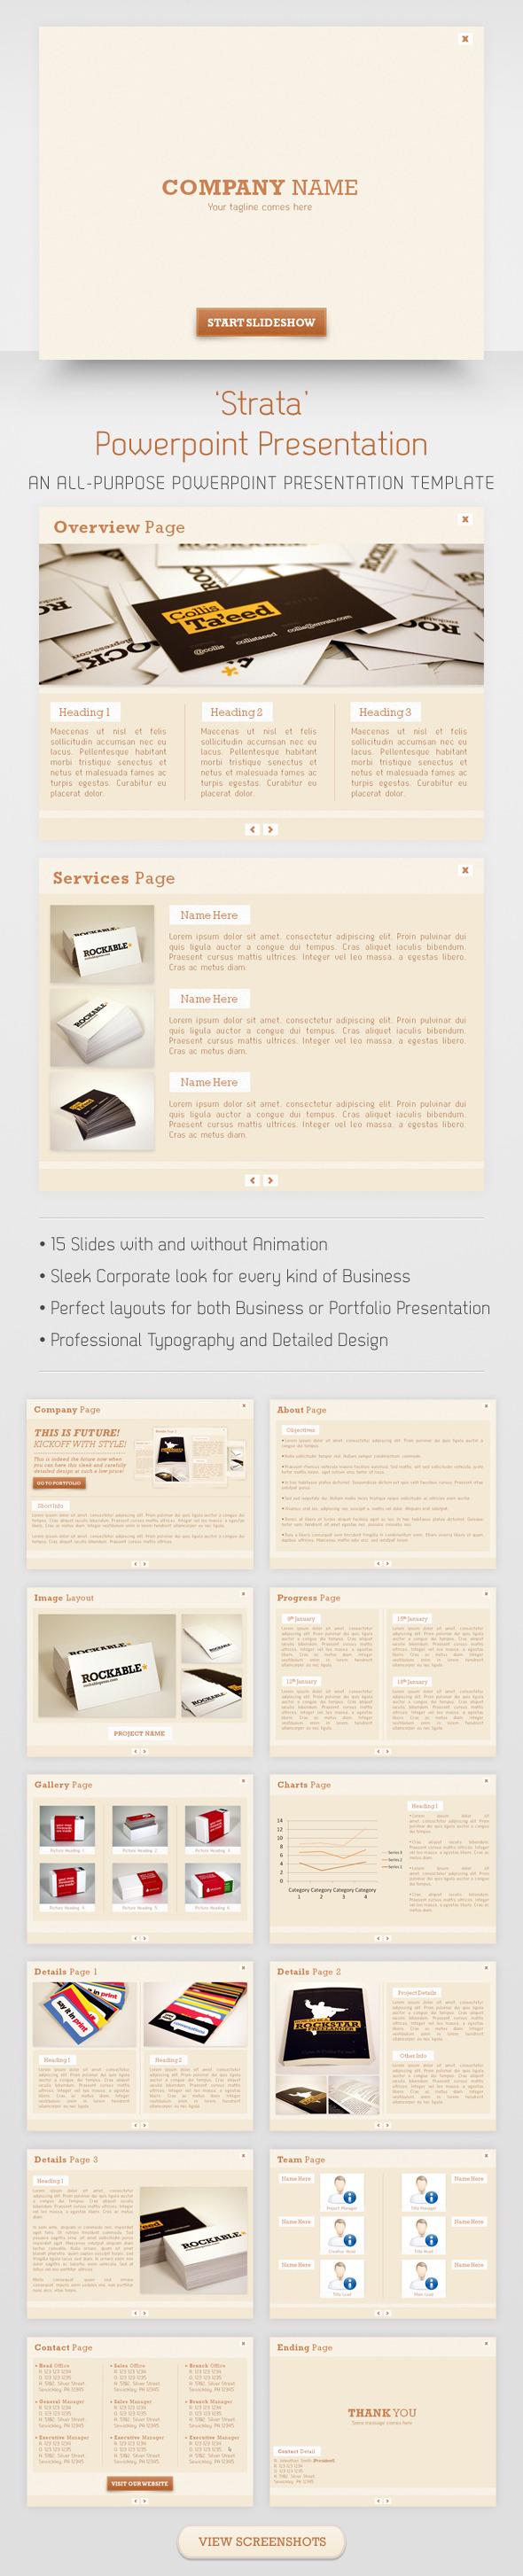 Strata Powerpoint Presentation - Powerpoint Templates Presentation Templates